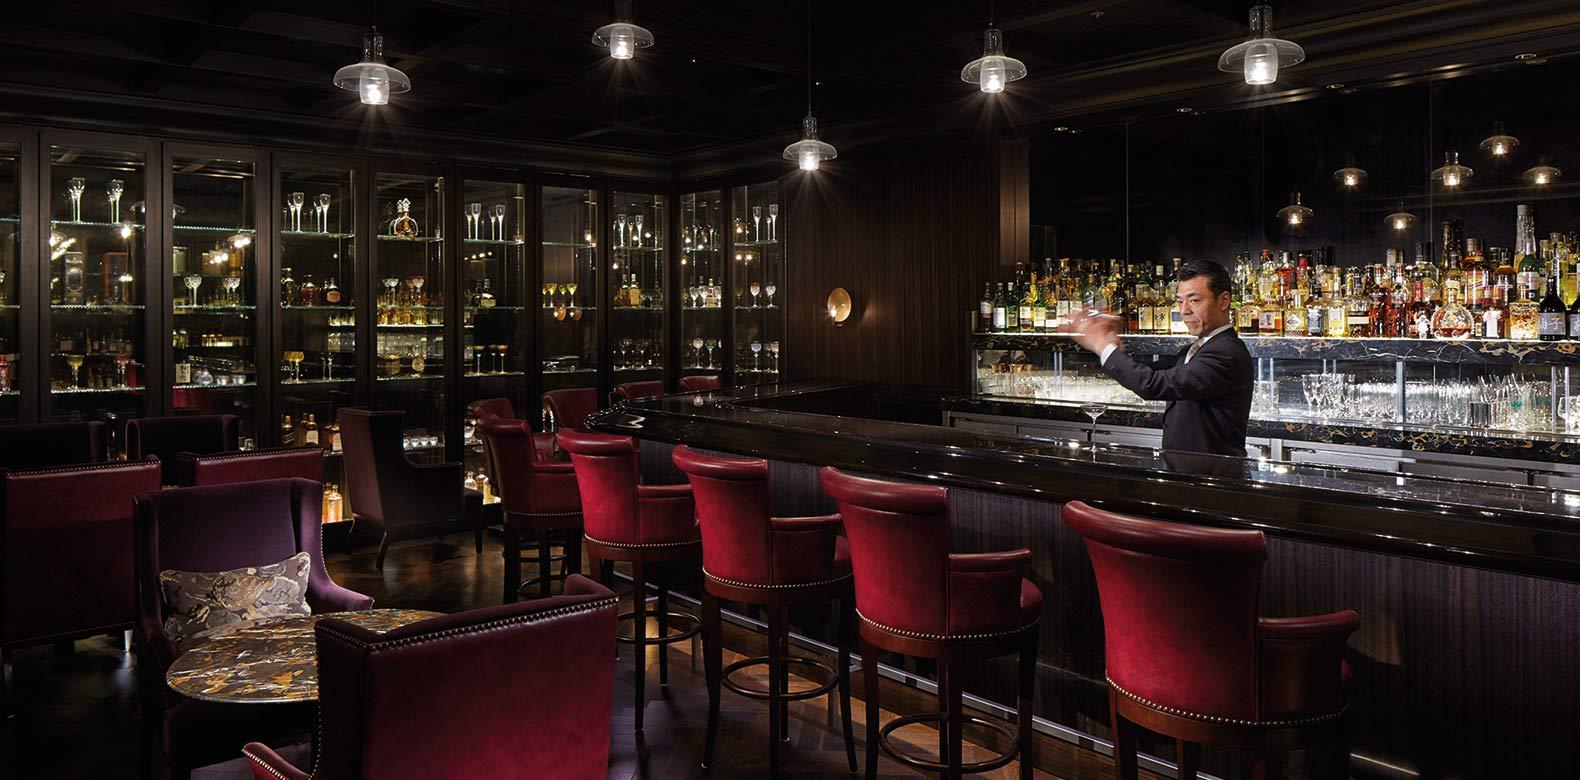 Palace Hotel Tokyo F Royal Bar Bartender